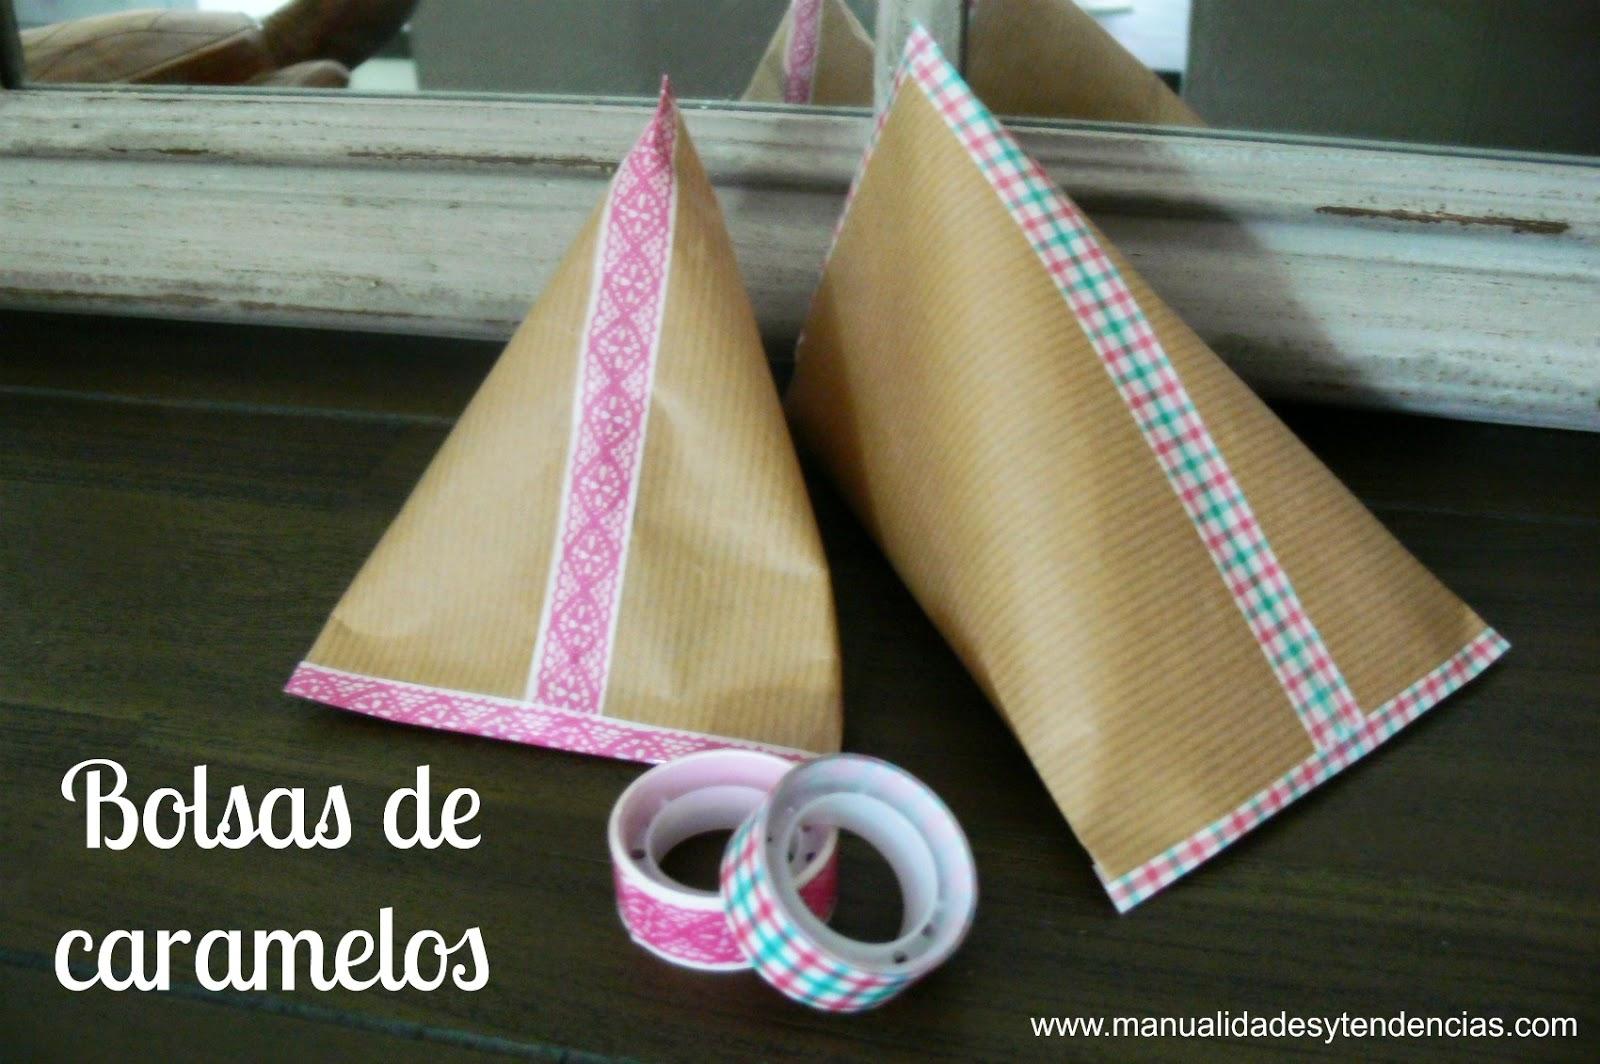 Bolsas de caramelos de papel kraft